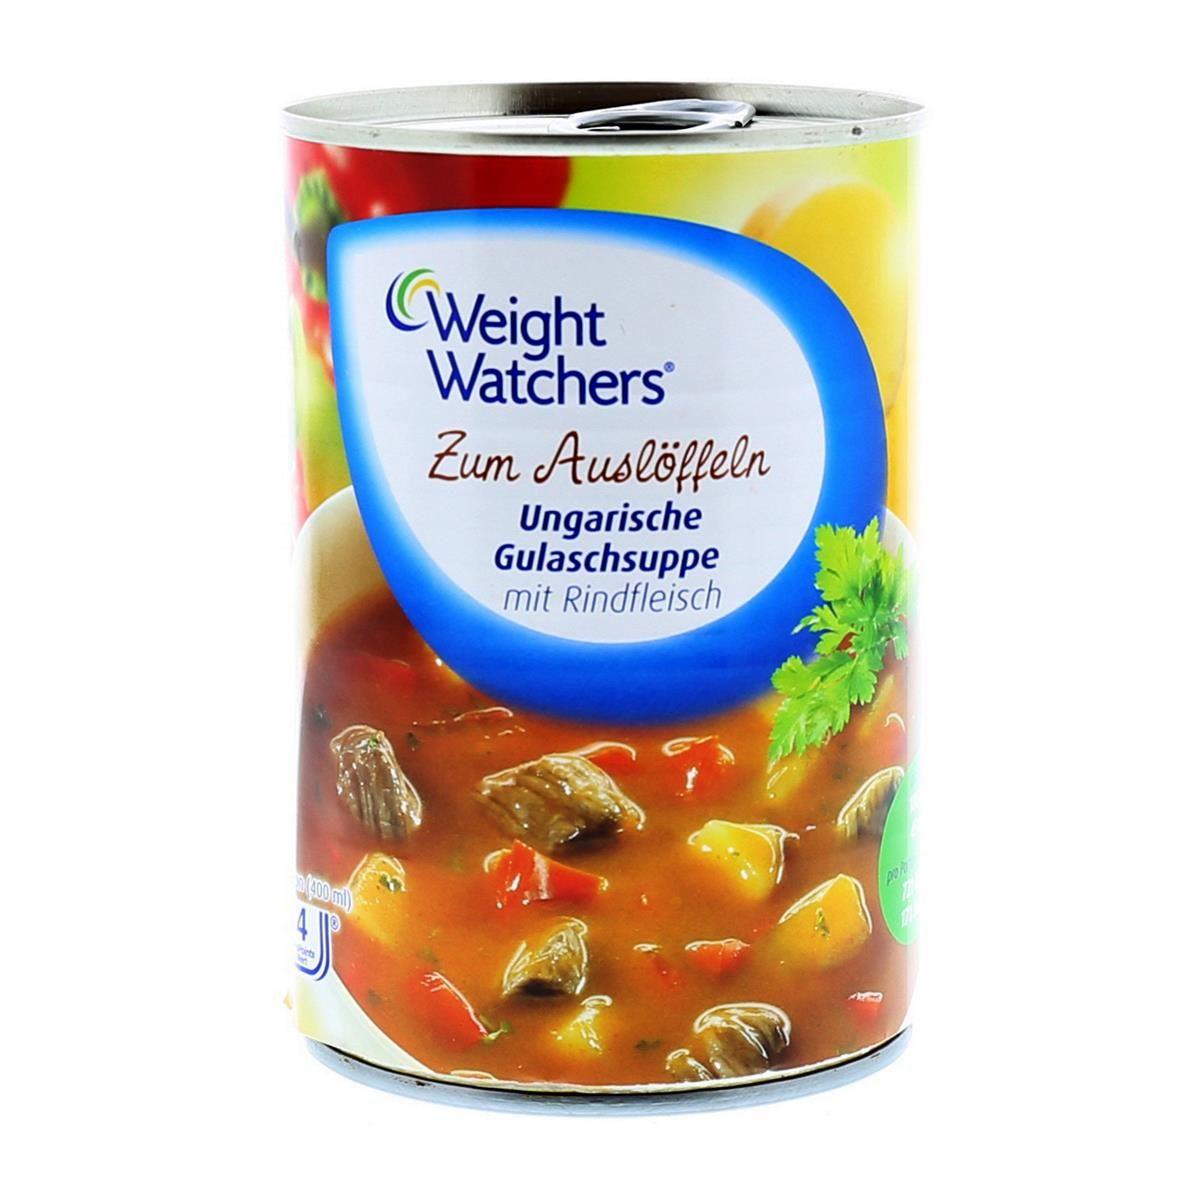 Weight watcher Suppen bei billa - 50%